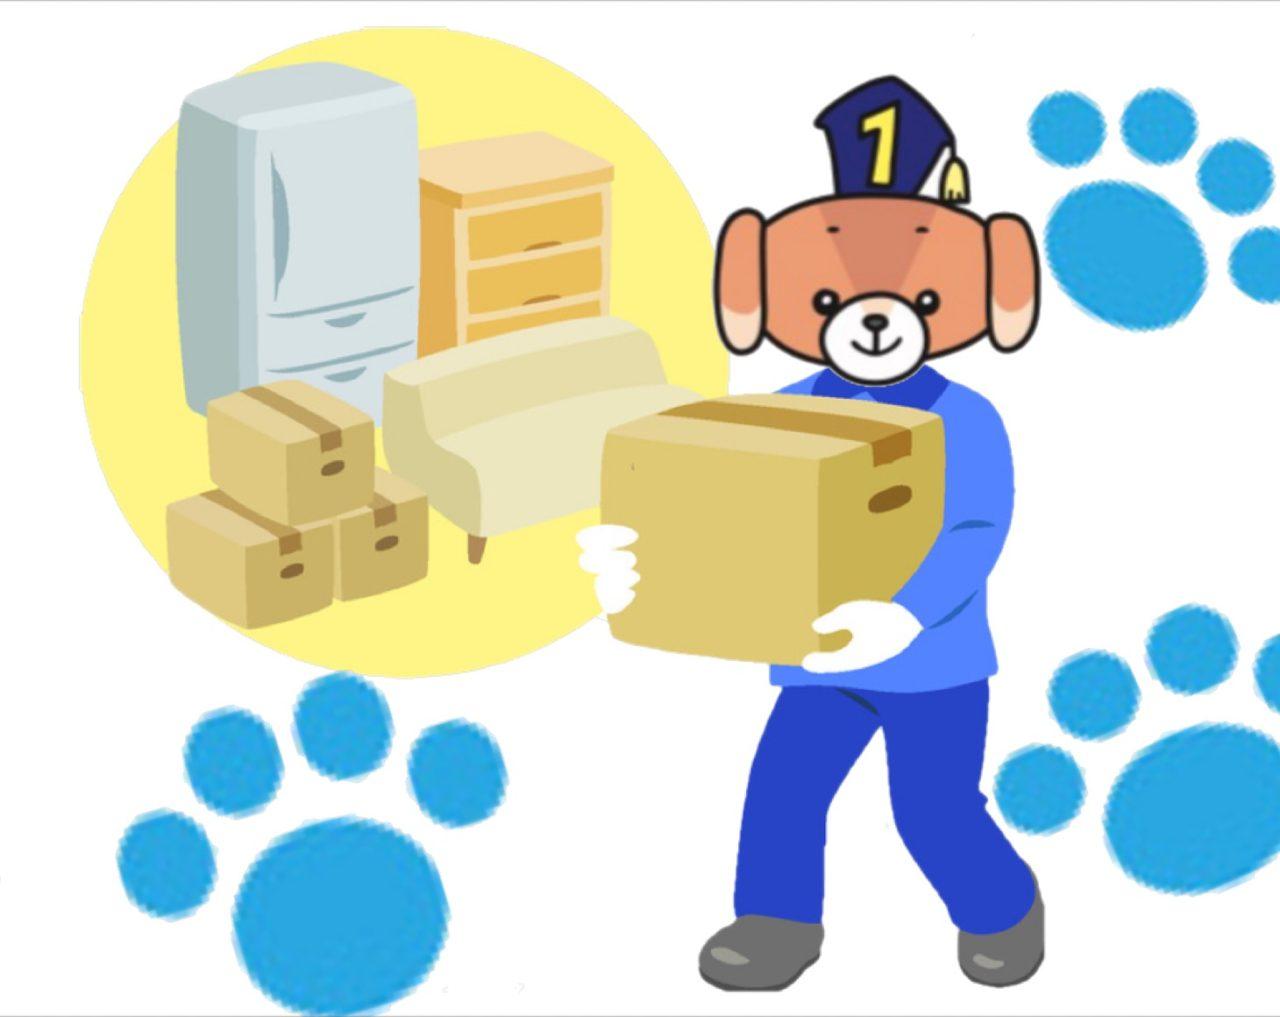 札幌のリサイクルショップでお引っ越しの手伝いができます!